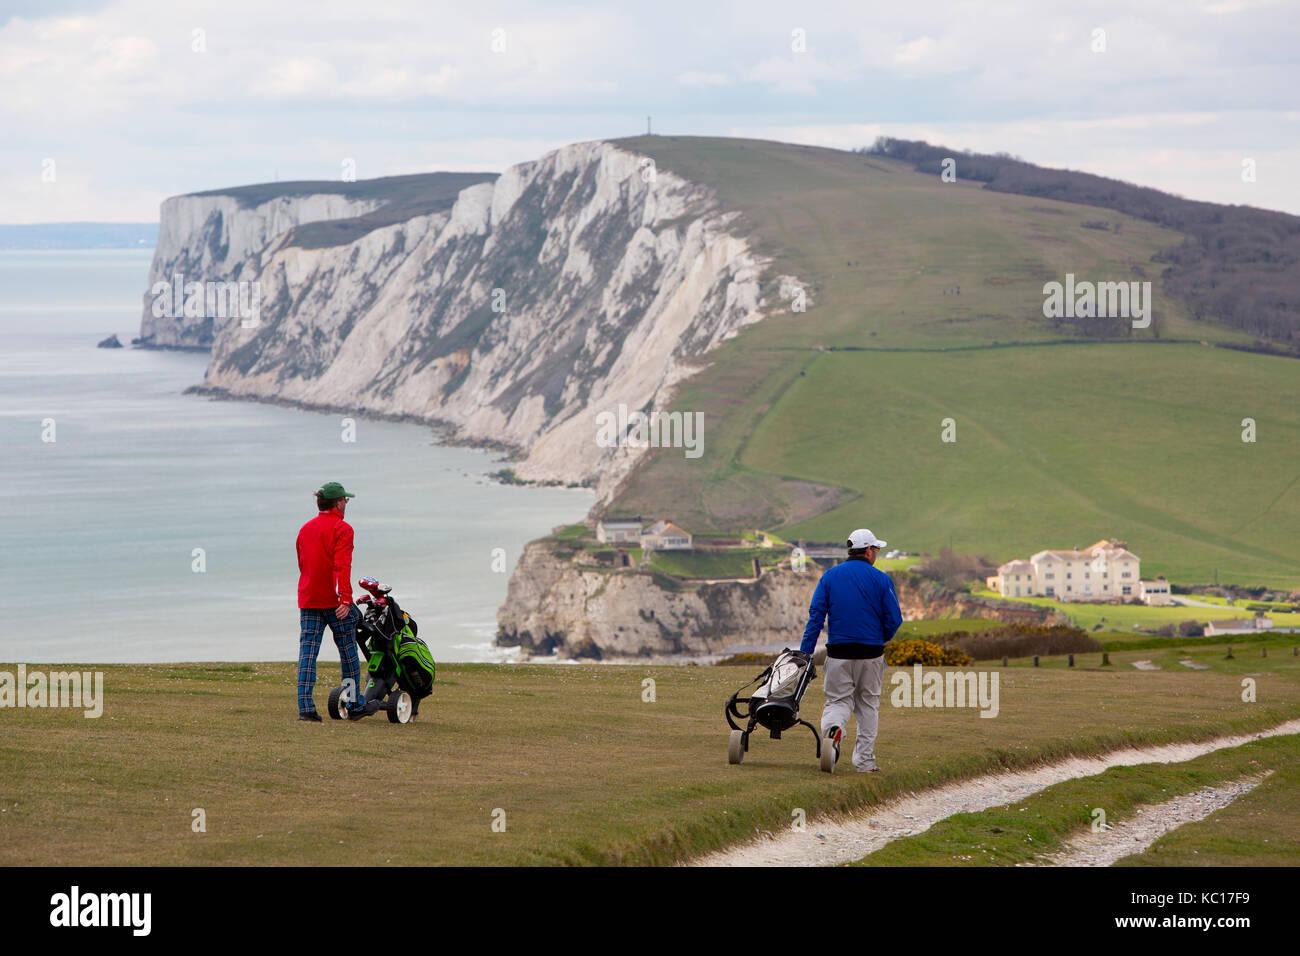 Golf, jeux, cours, liens, des bas, bas, joueurs, duo, deux, double, club, clubs, trolley, electric, panier, Tennyson, Photo Stock